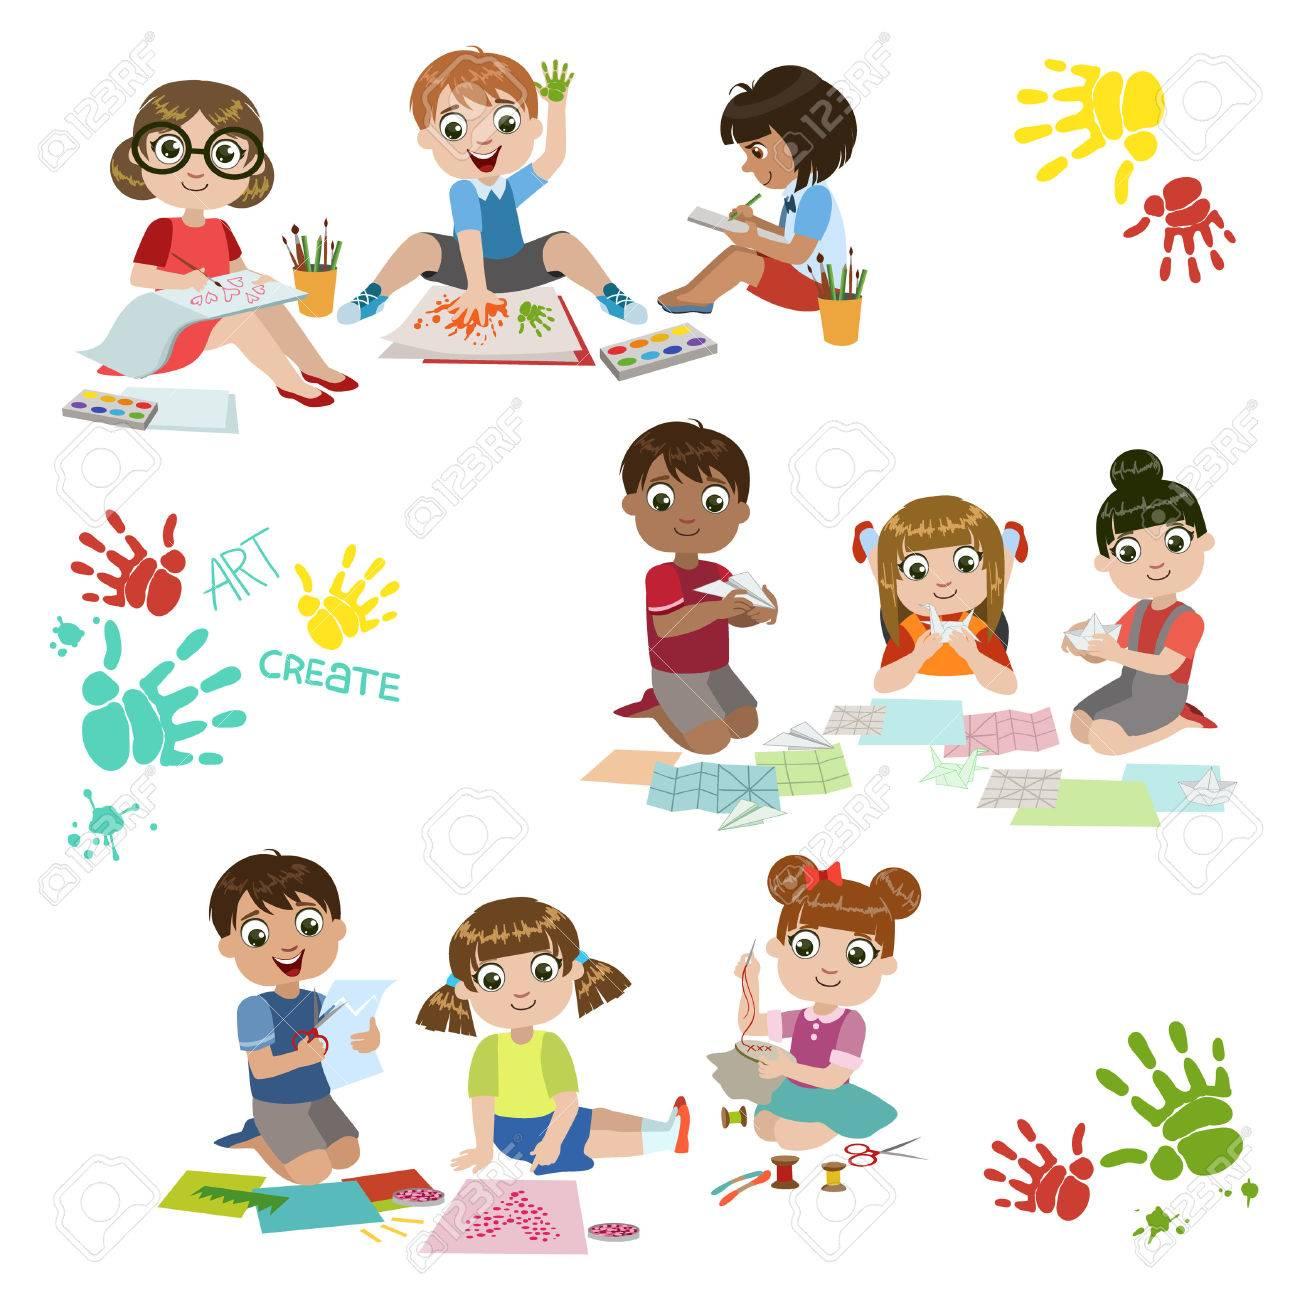 Bambini Creatività Pratica Serie Di Coloratissimi Semplice Disegno Vettoriale Disegni Isolato Su Sfondo Bianco